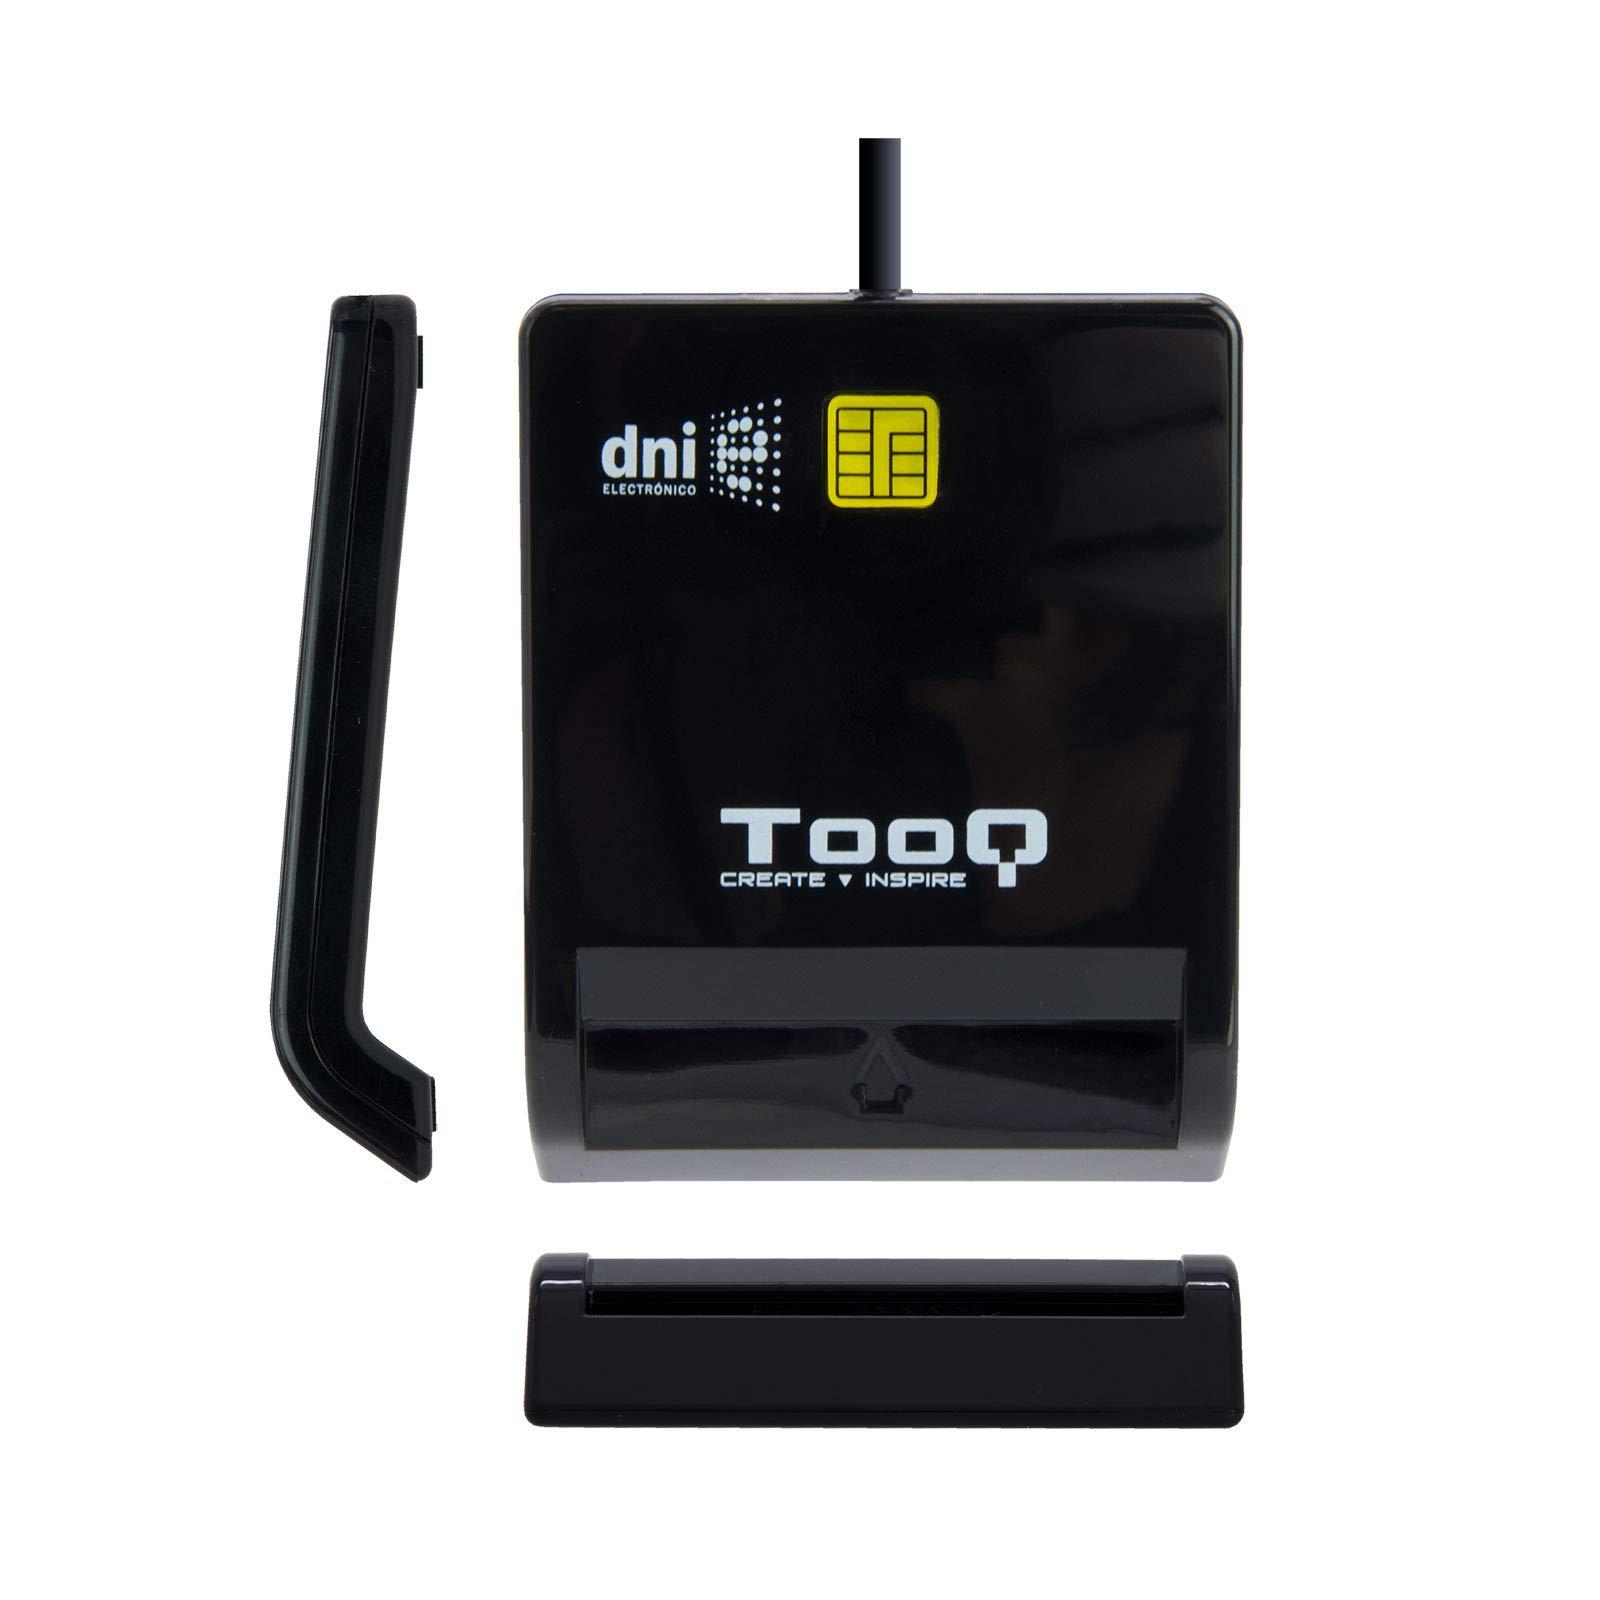 Tooq TQR-210B - Lector Externo de DNI electrónico y Tarjetas Inteligentes (DNIe), USB 2.0, Color Negro y Blanco, 480Mbps.: Amazon.es: Informática